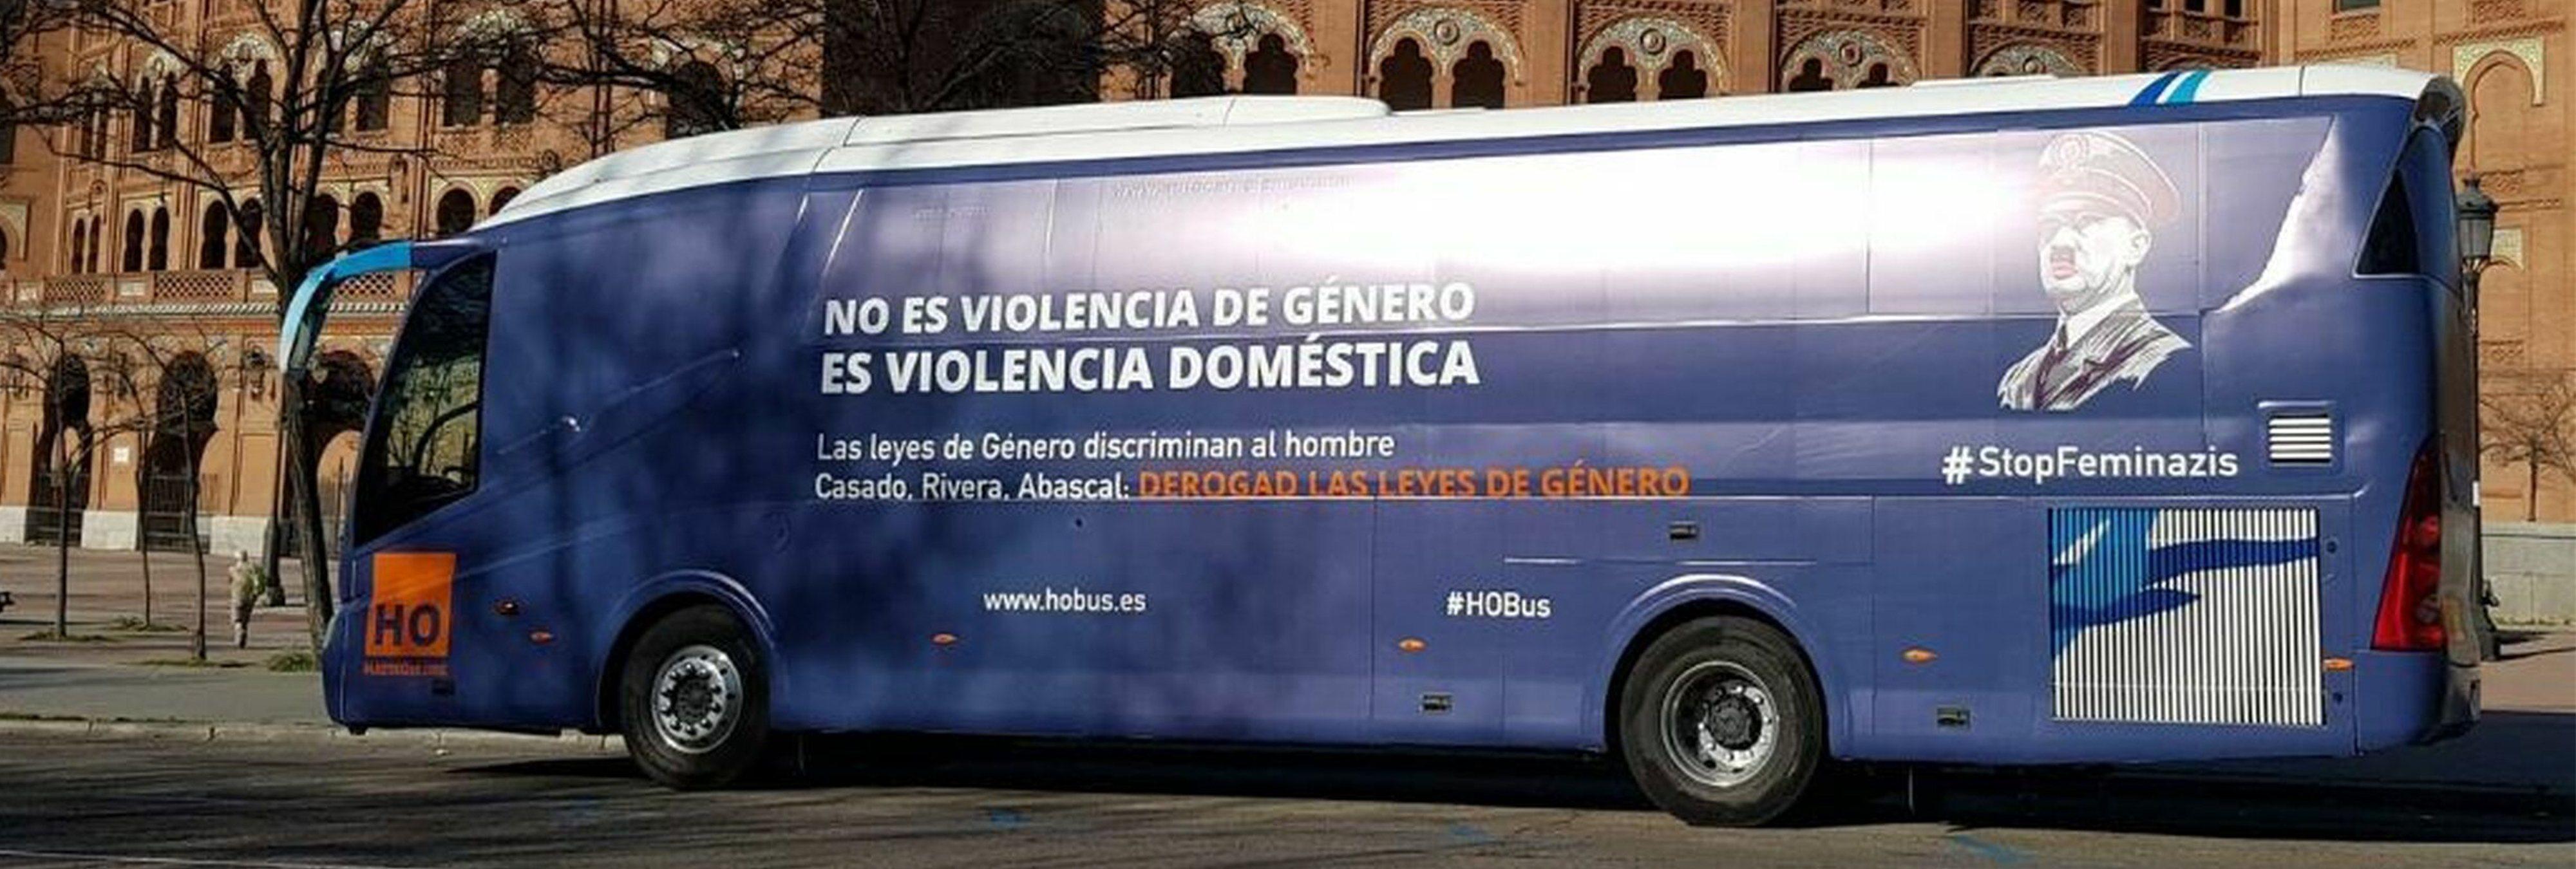 Hazte Oír lanza un autobús anti feminista con la cara de Hitler